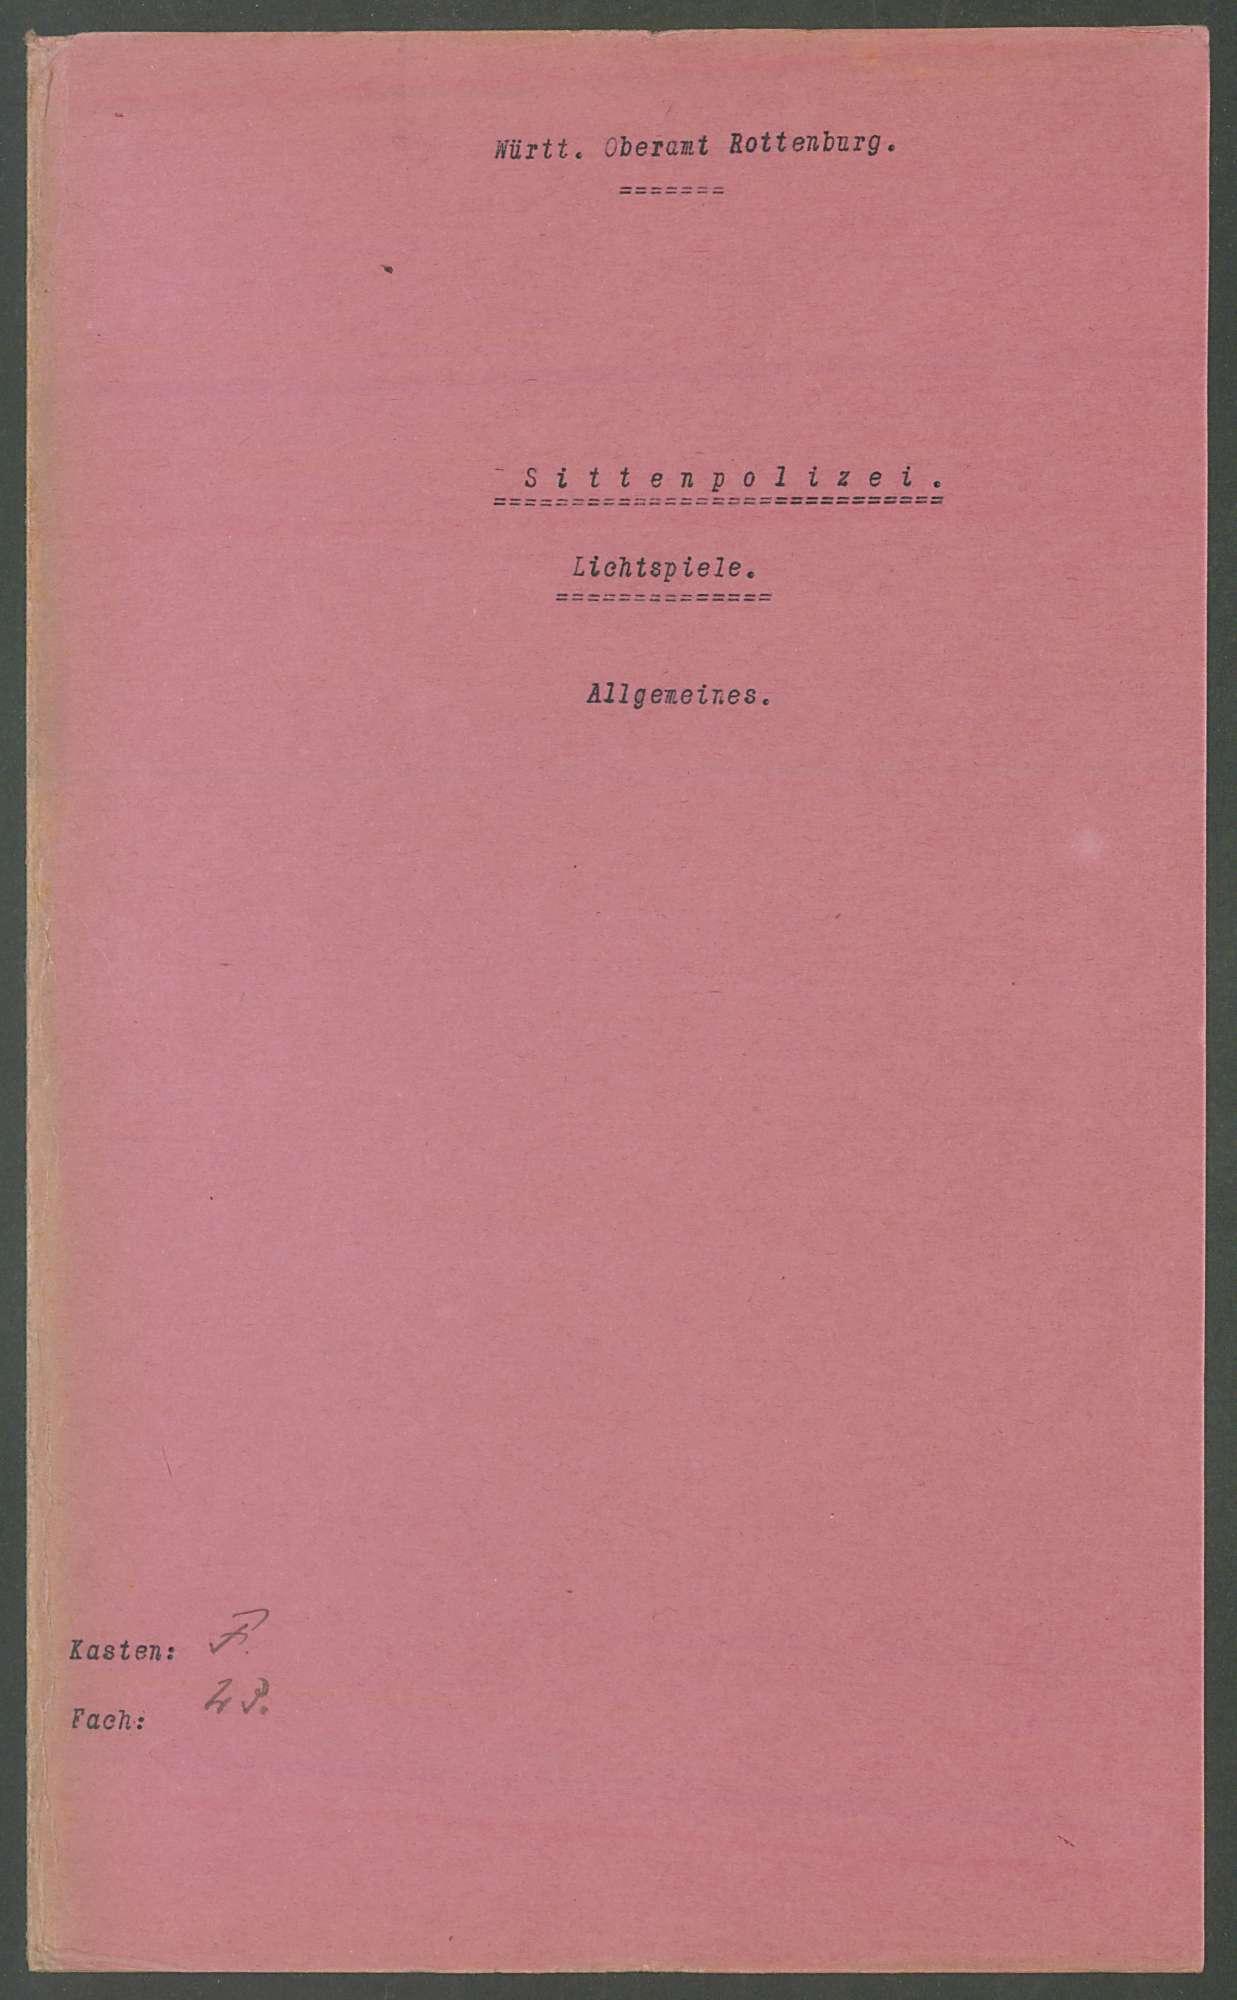 Lichtspiele: Allgemeines und Einzelfälle, Bild 2